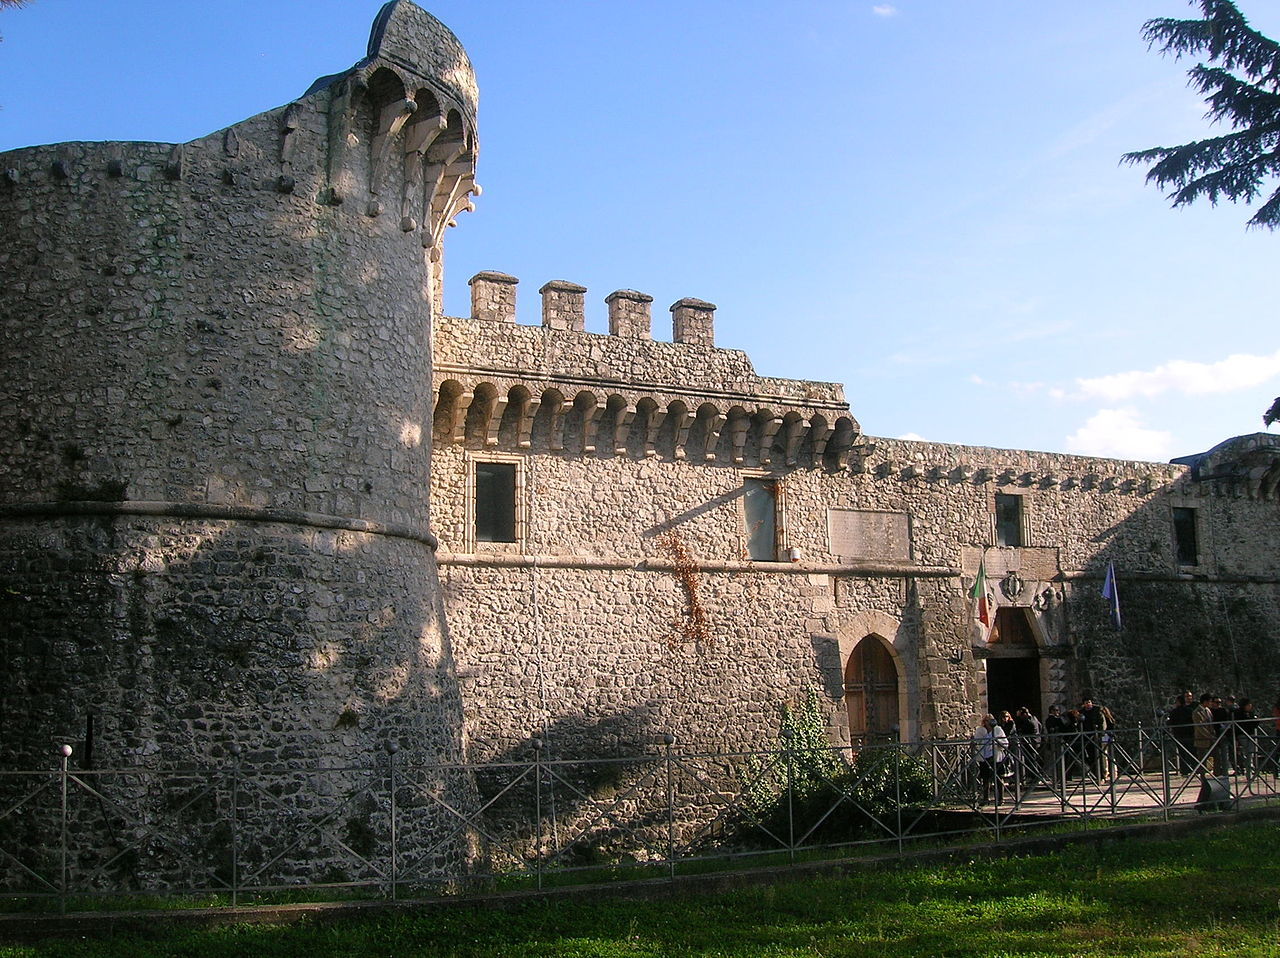 Concerto a Castel Orsini-Colonna Avezzano AQ @ Castel Orsini-Colonna | Avezzano | Abruzzo | Italia